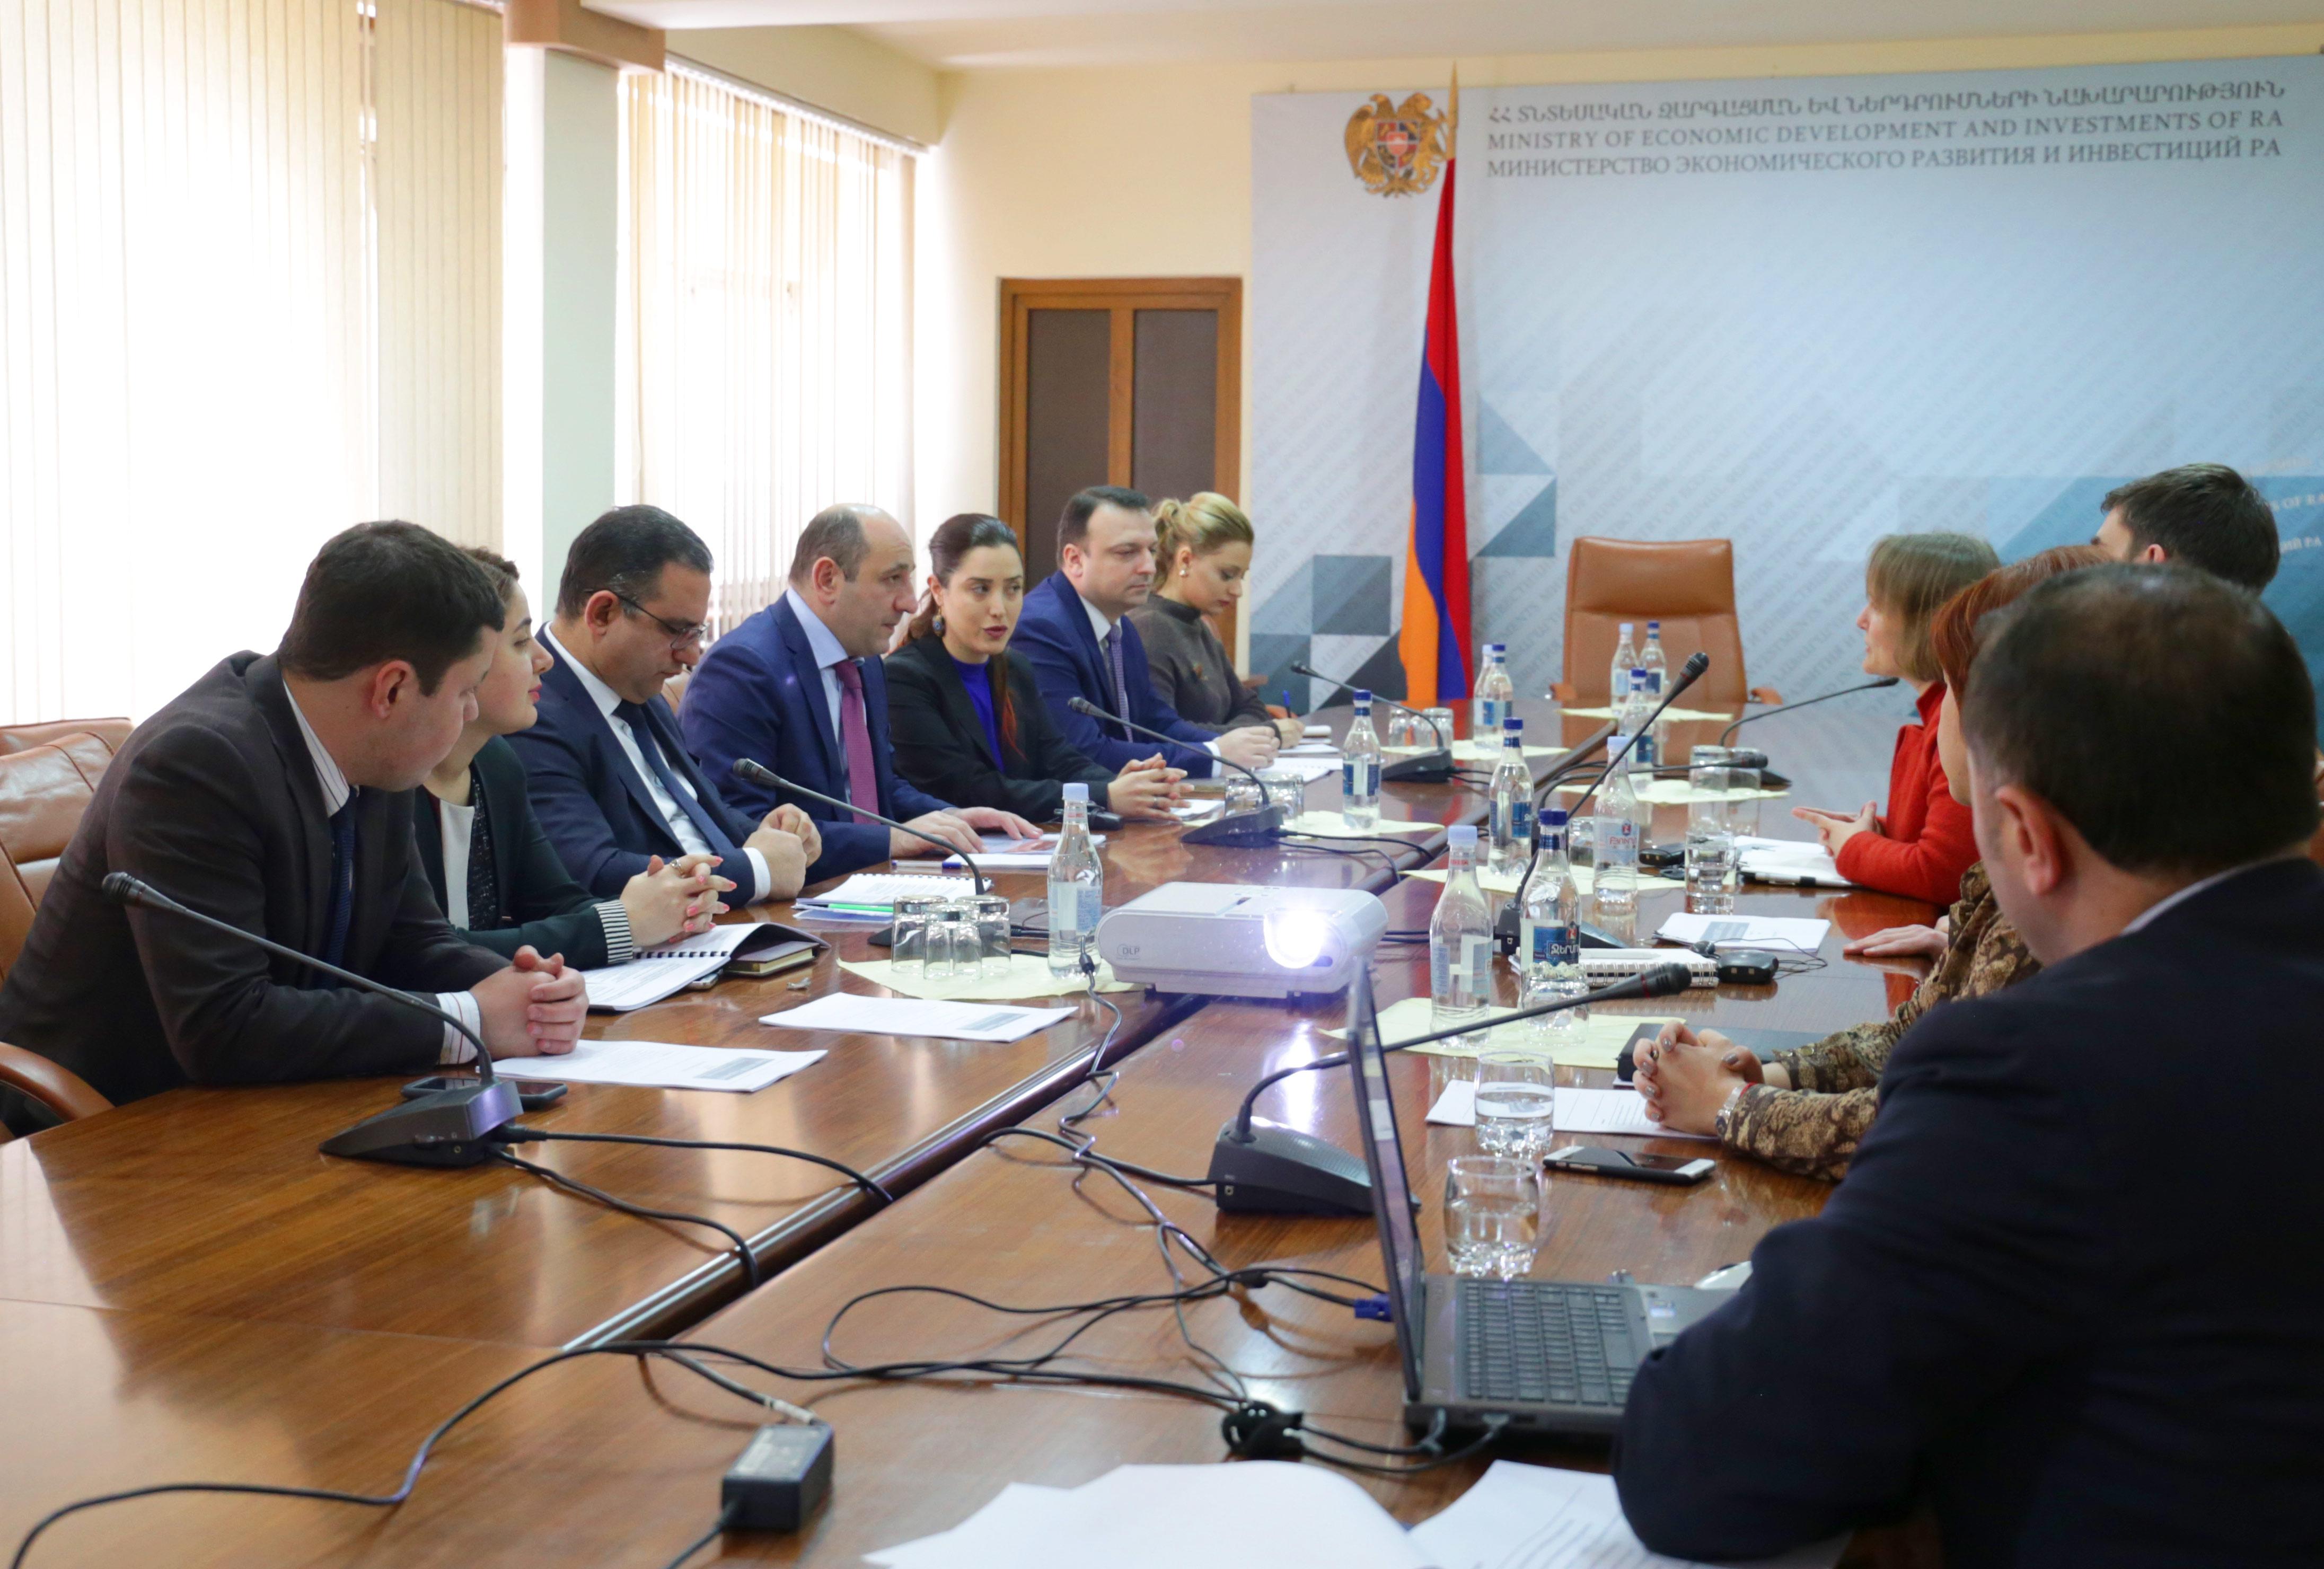 Սուրեն Կարայանին ներկայացվել է Հայաստանում նորարարության զարգացման նոր ռազմավարությունը